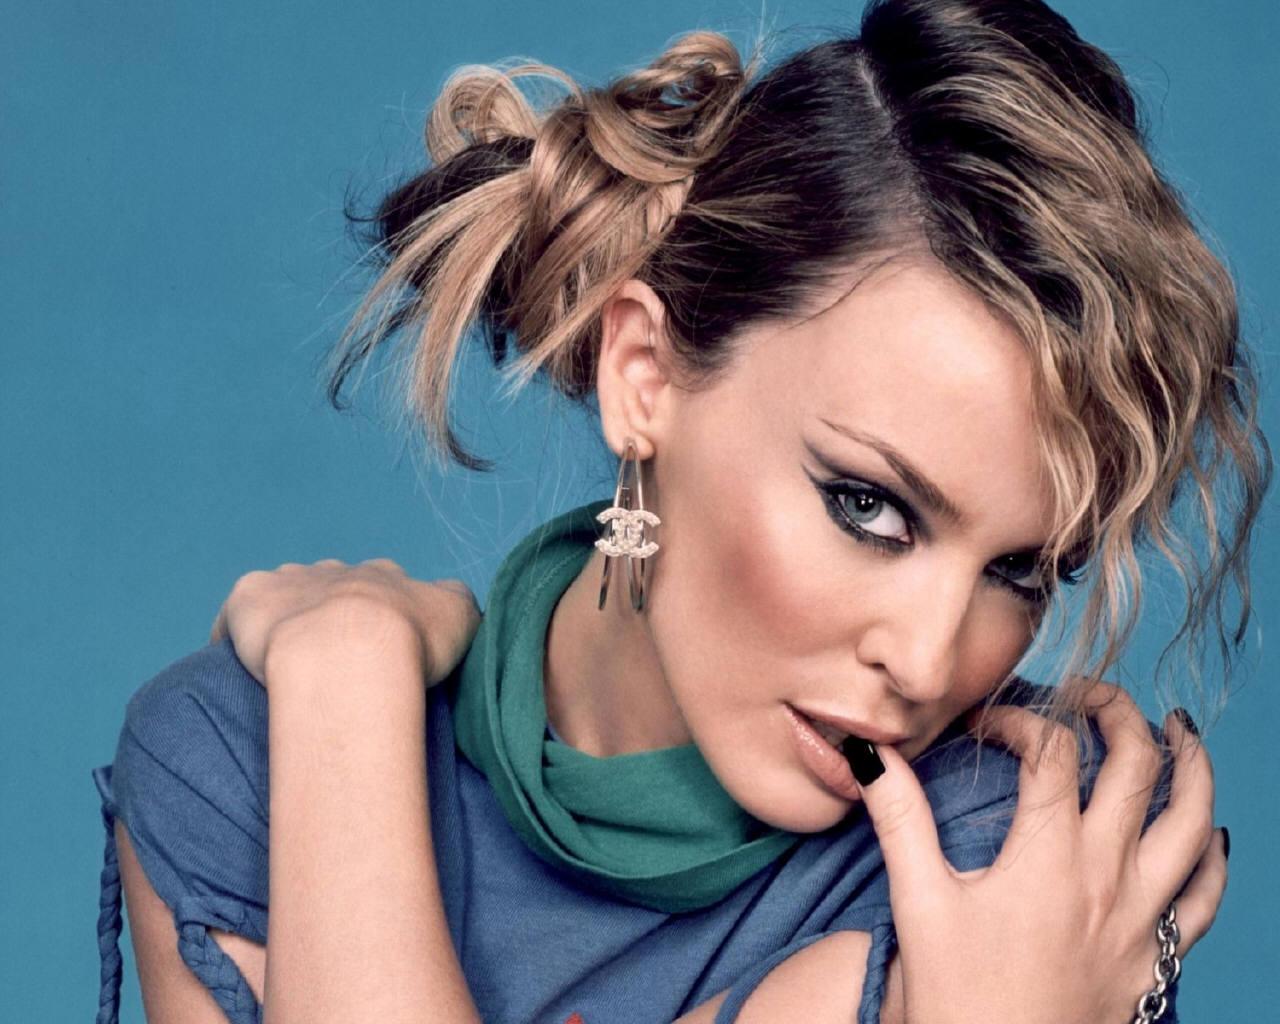 http://1.bp.blogspot.com/-ykvLsYENSdA/TVbWtZBMklI/AAAAAAAAIEw/_XjNzLk3f0E/s1600/Kylie-Minogue-kylie-minogue-64557_1280_1024.jpg